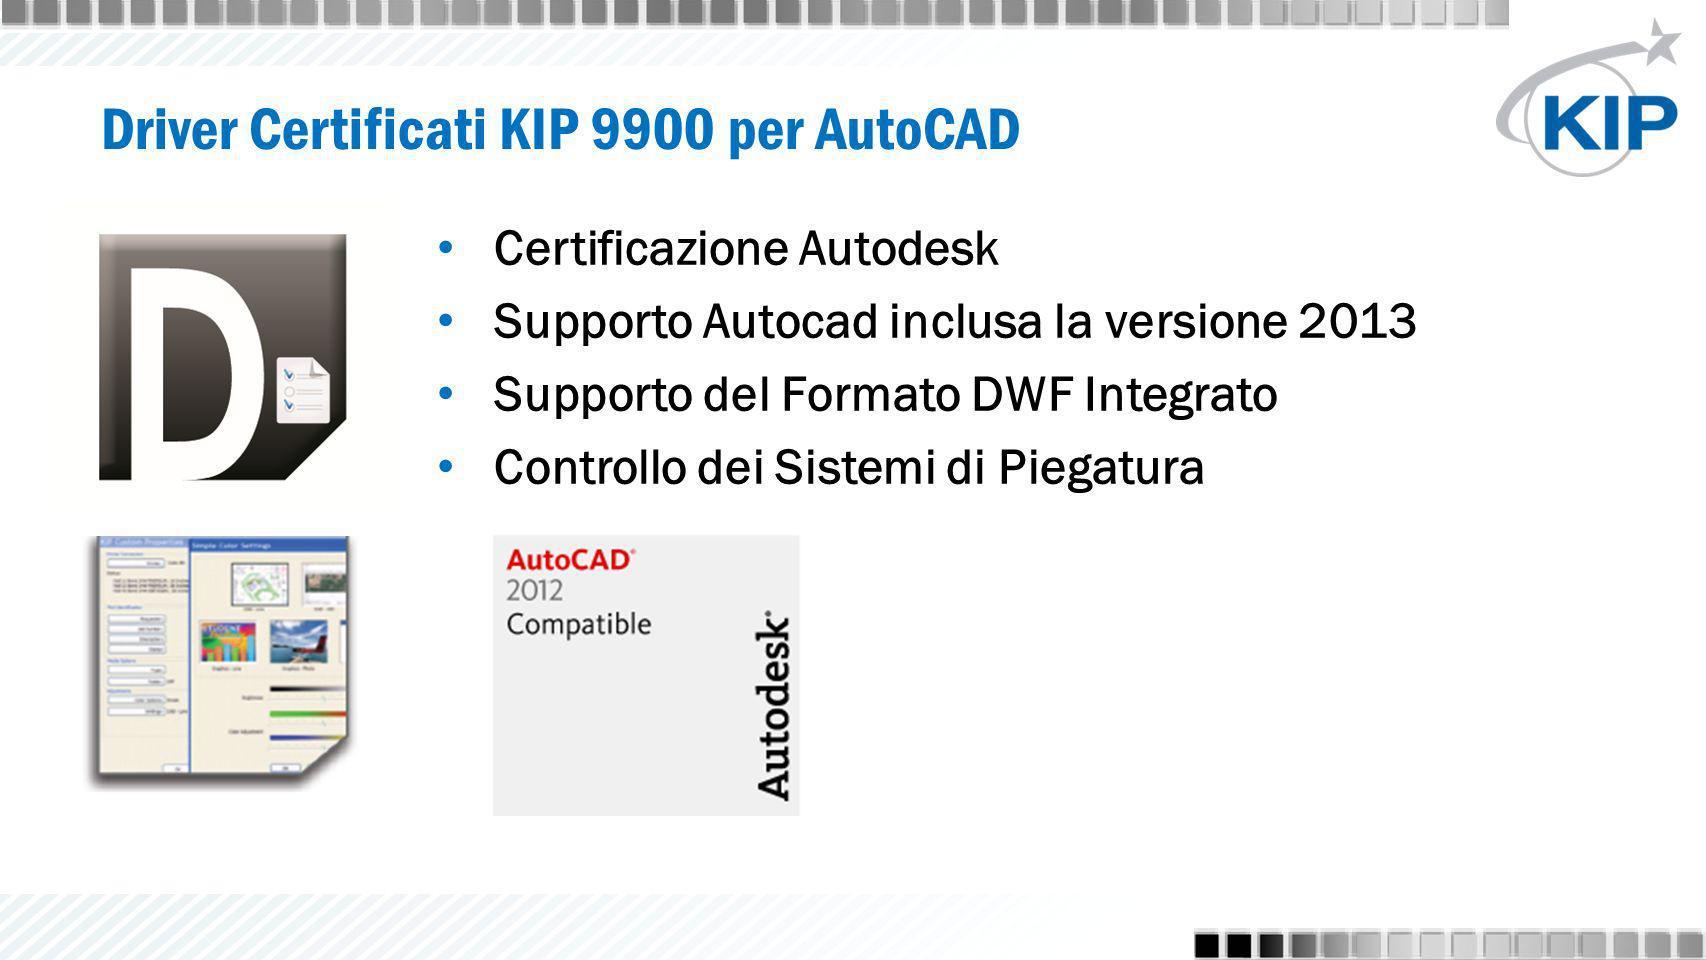 Certificazione Autodesk Supporto Autocad inclusa la versione 2013 Supporto del Formato DWF Integrato Controllo dei Sistemi di Piegatura